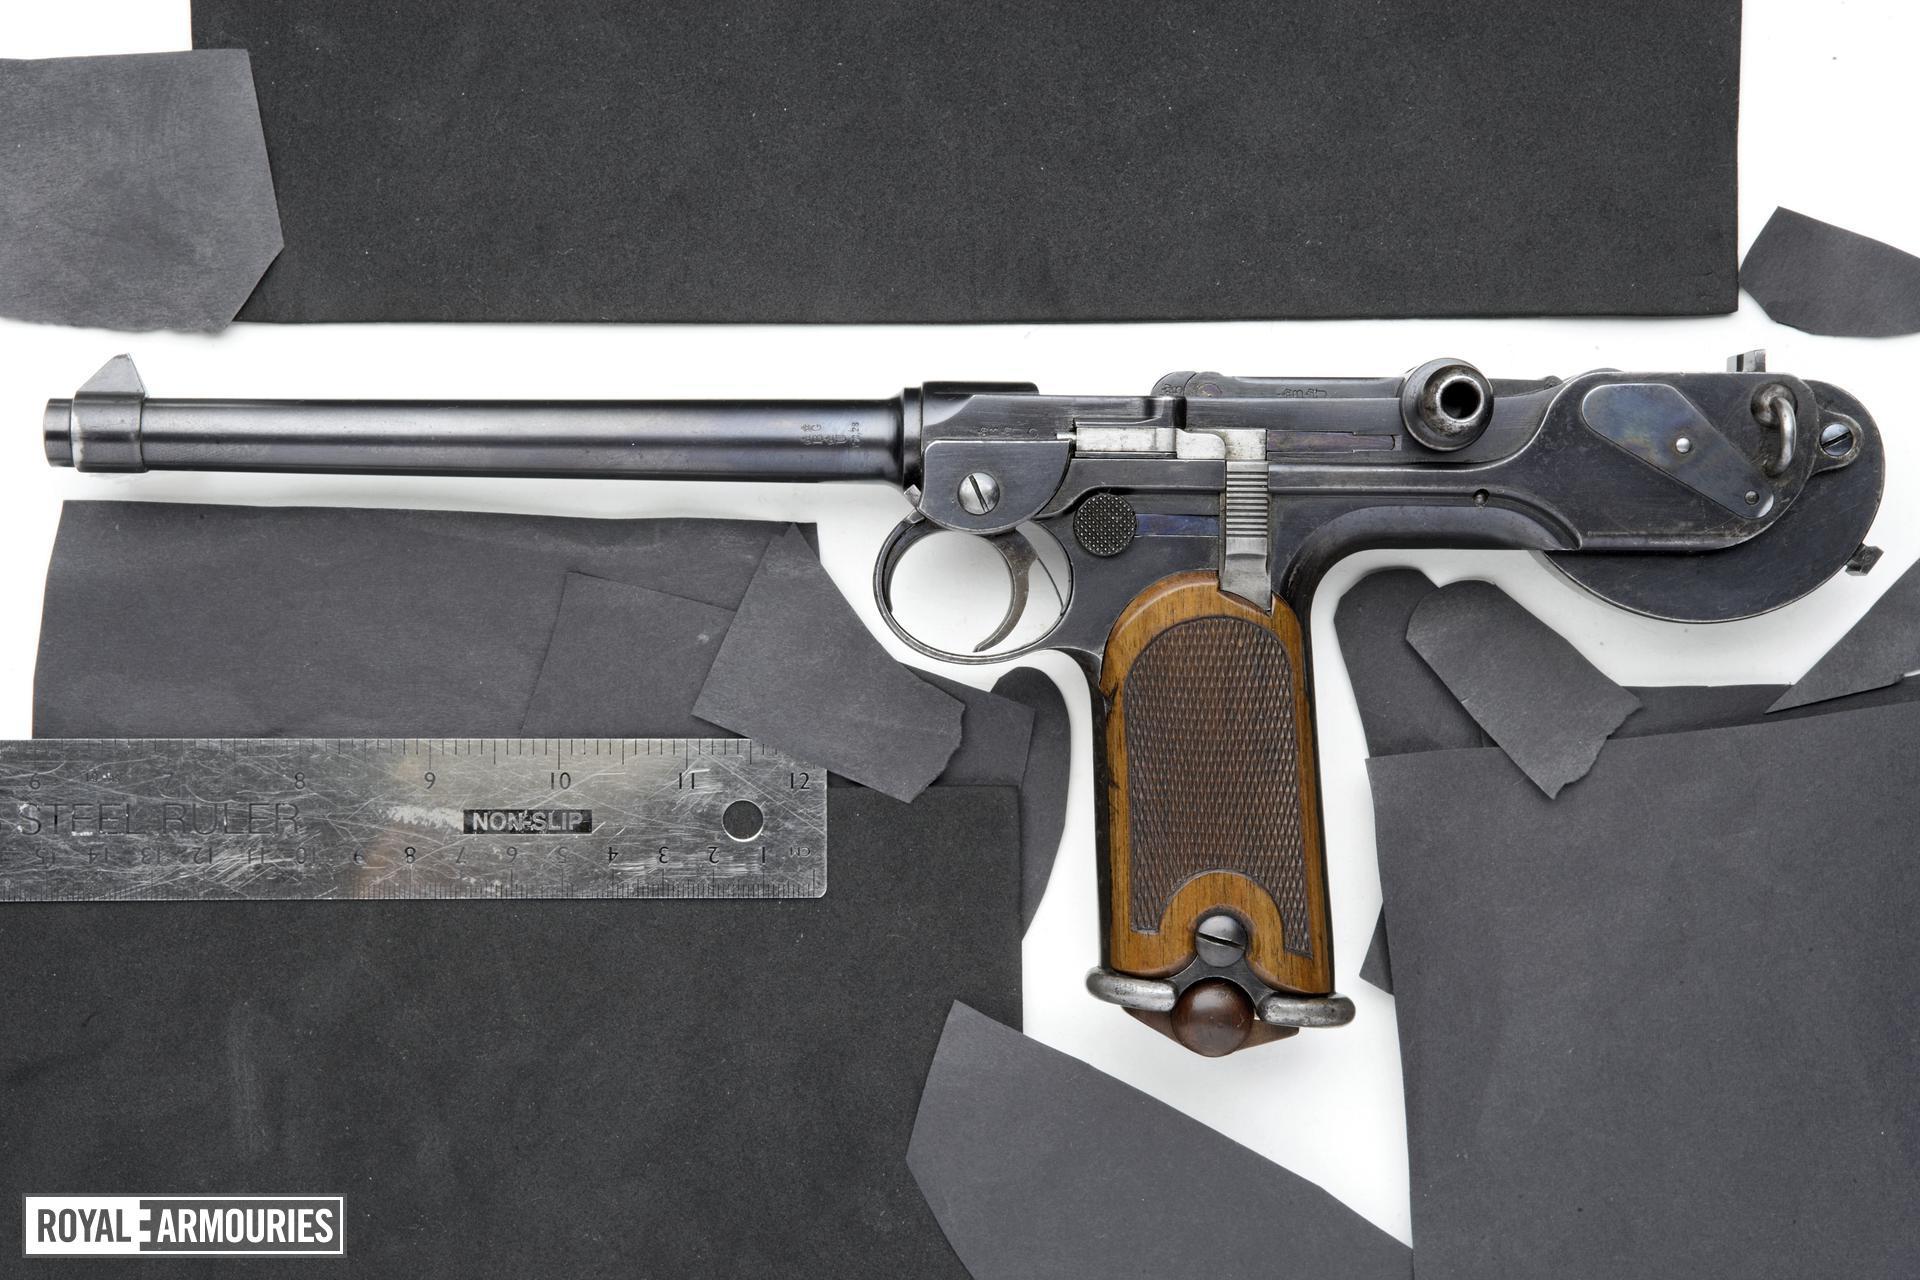 Centrefire self-loading pistol - Borchardt Model 1893 Cased